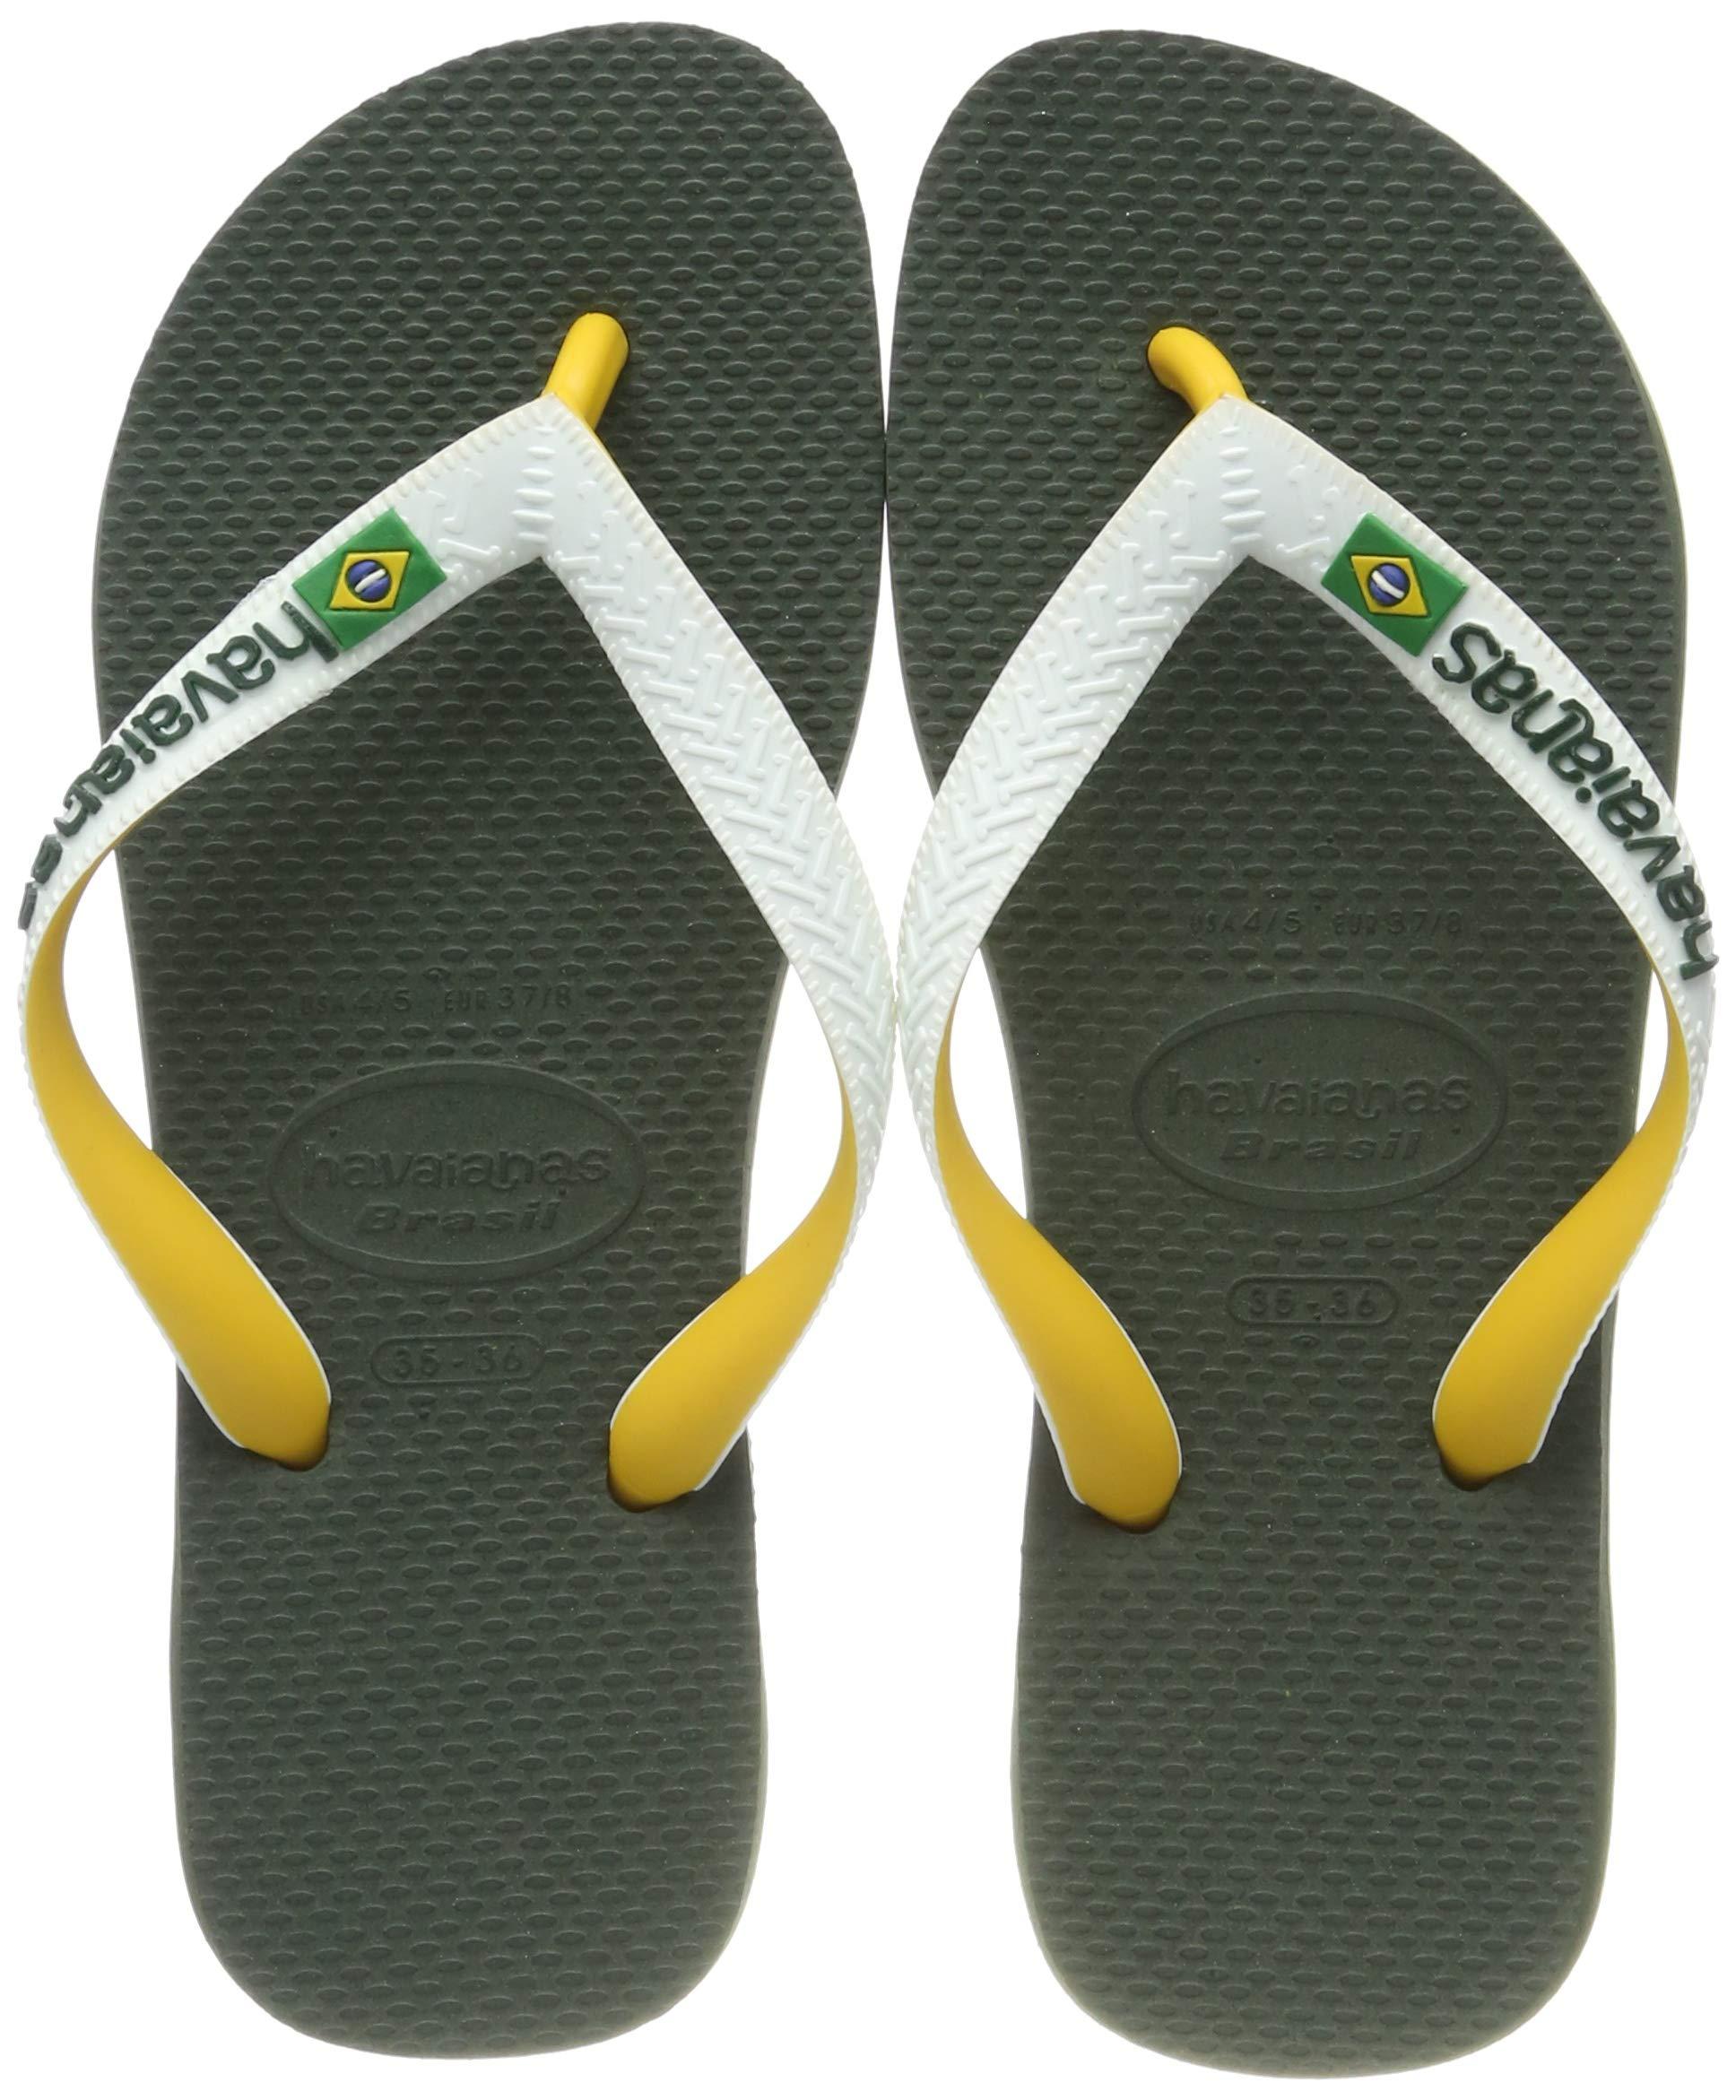 wholesale dealer 47503 cdfa2 Havaianas Unisex Adults' Top Flip Flops Gute QualitäT Sandalen